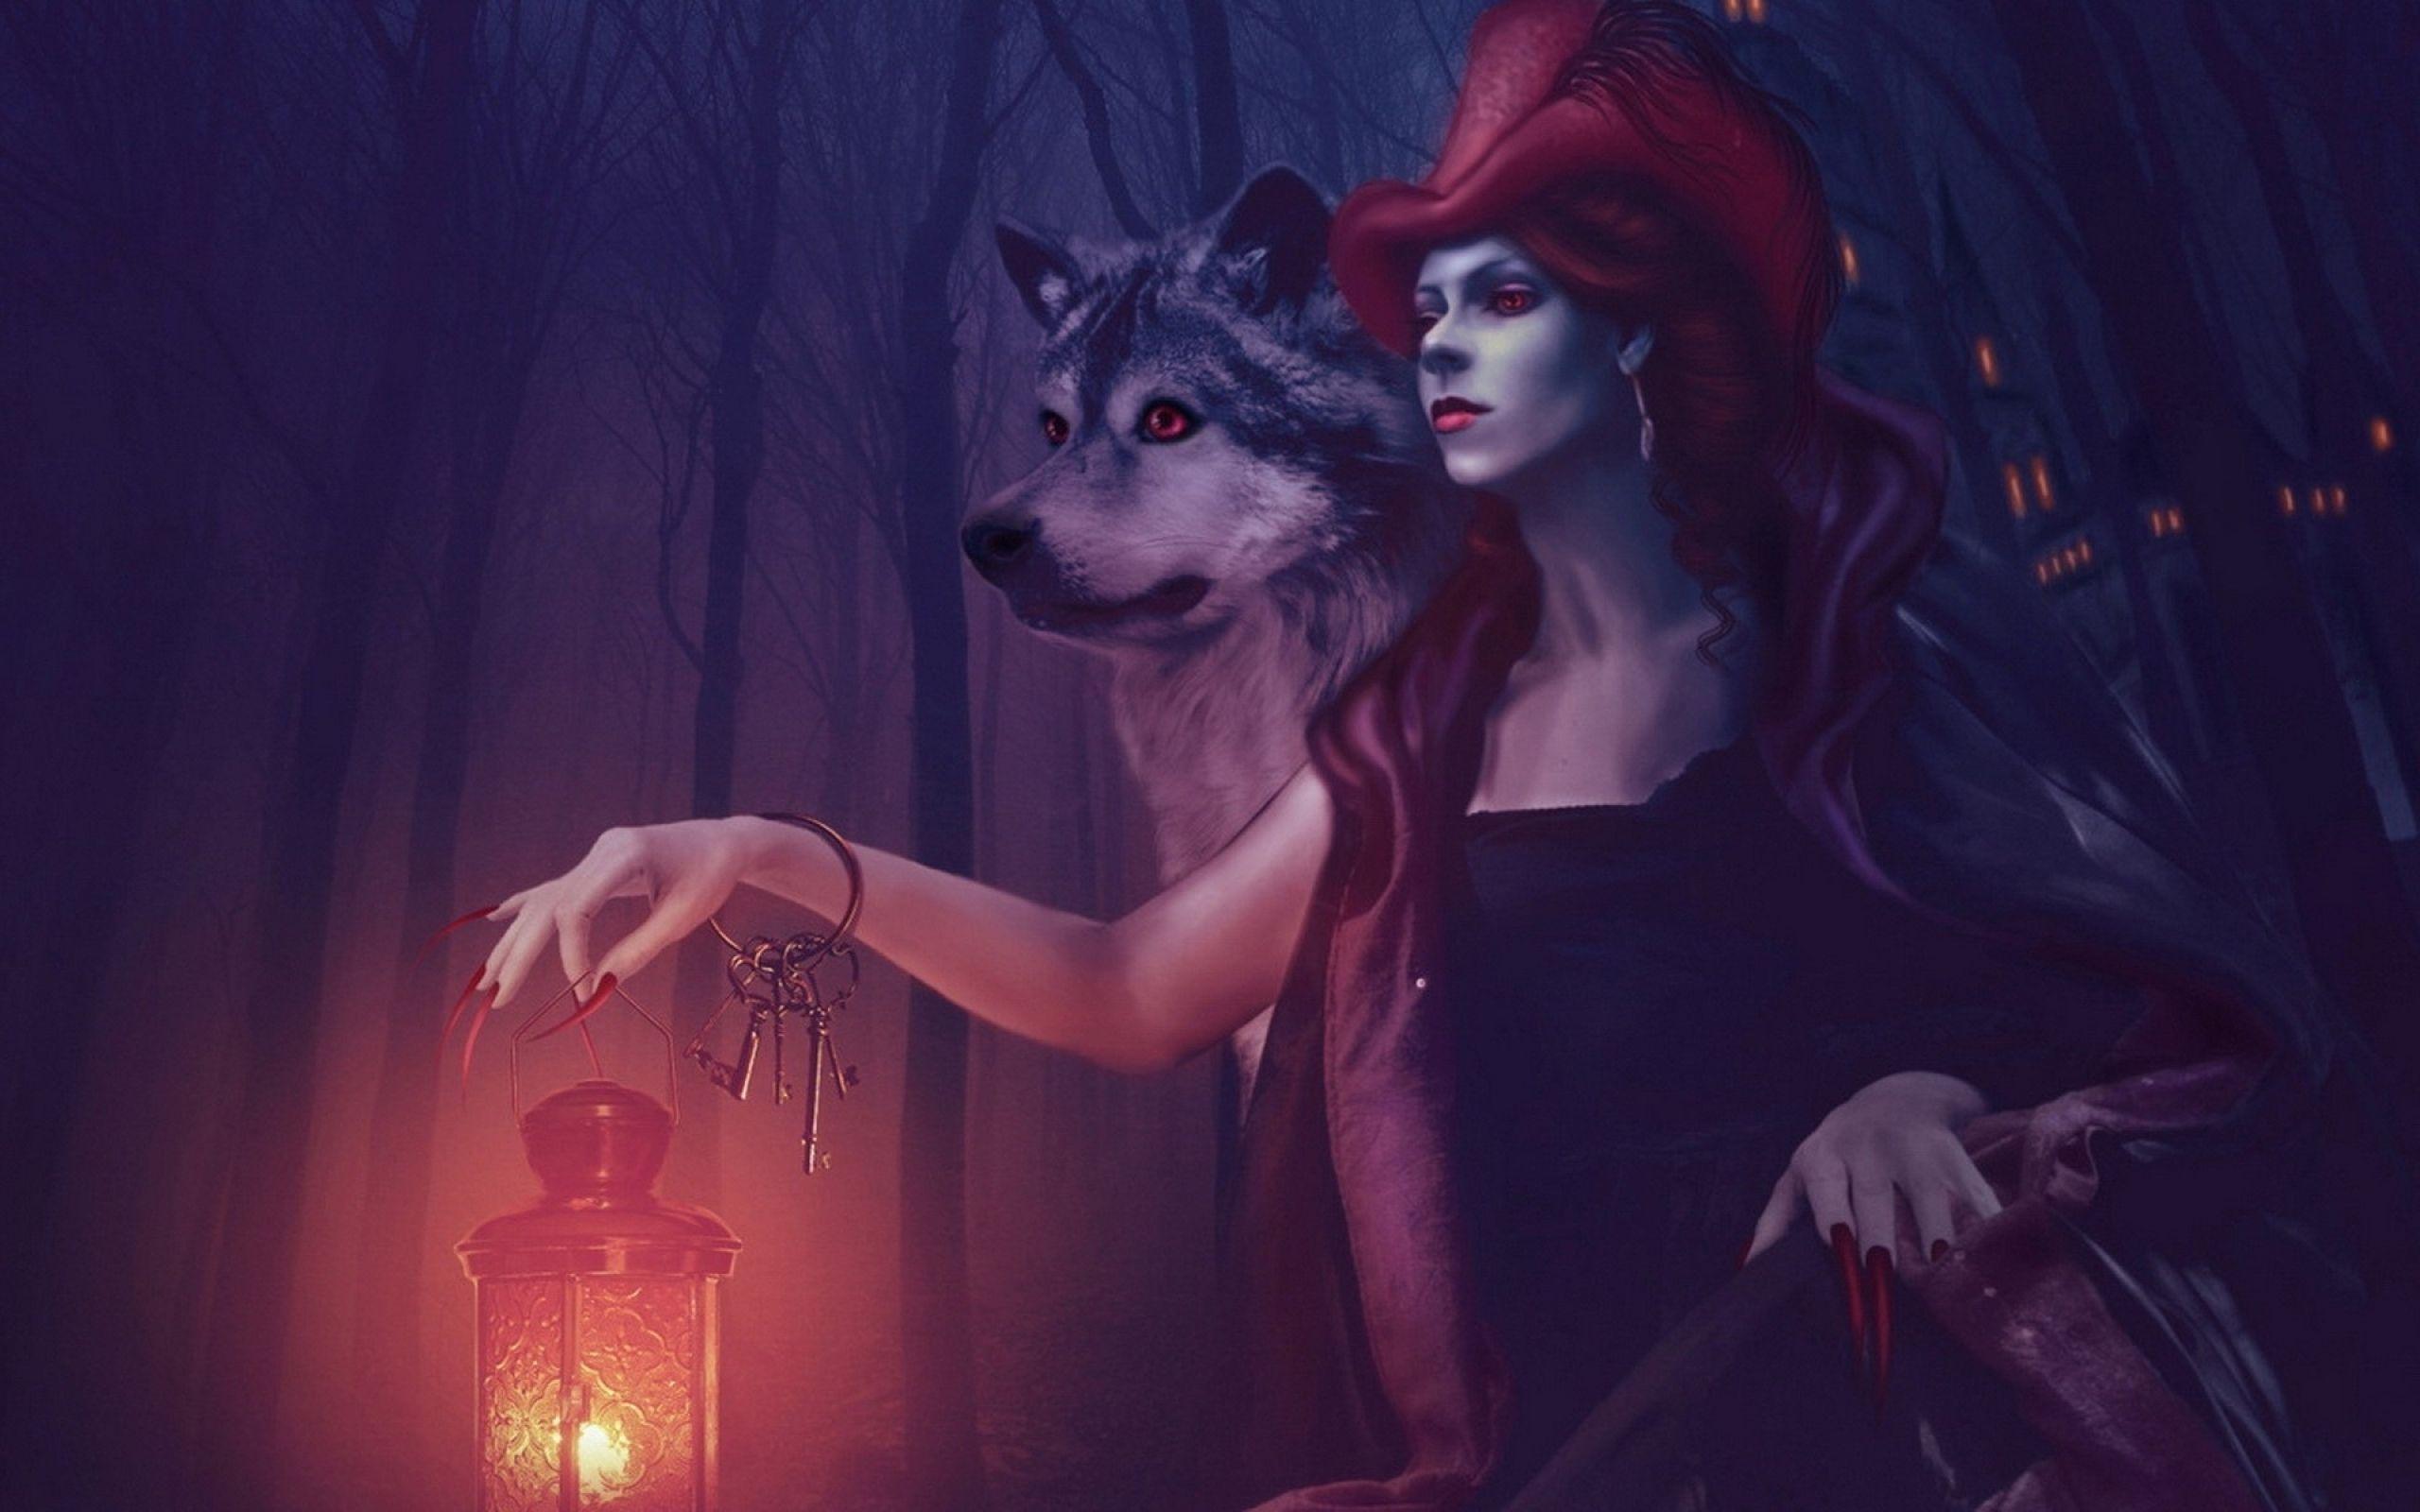 картинки волки фэнтези в шляпе постоянке обычно получают